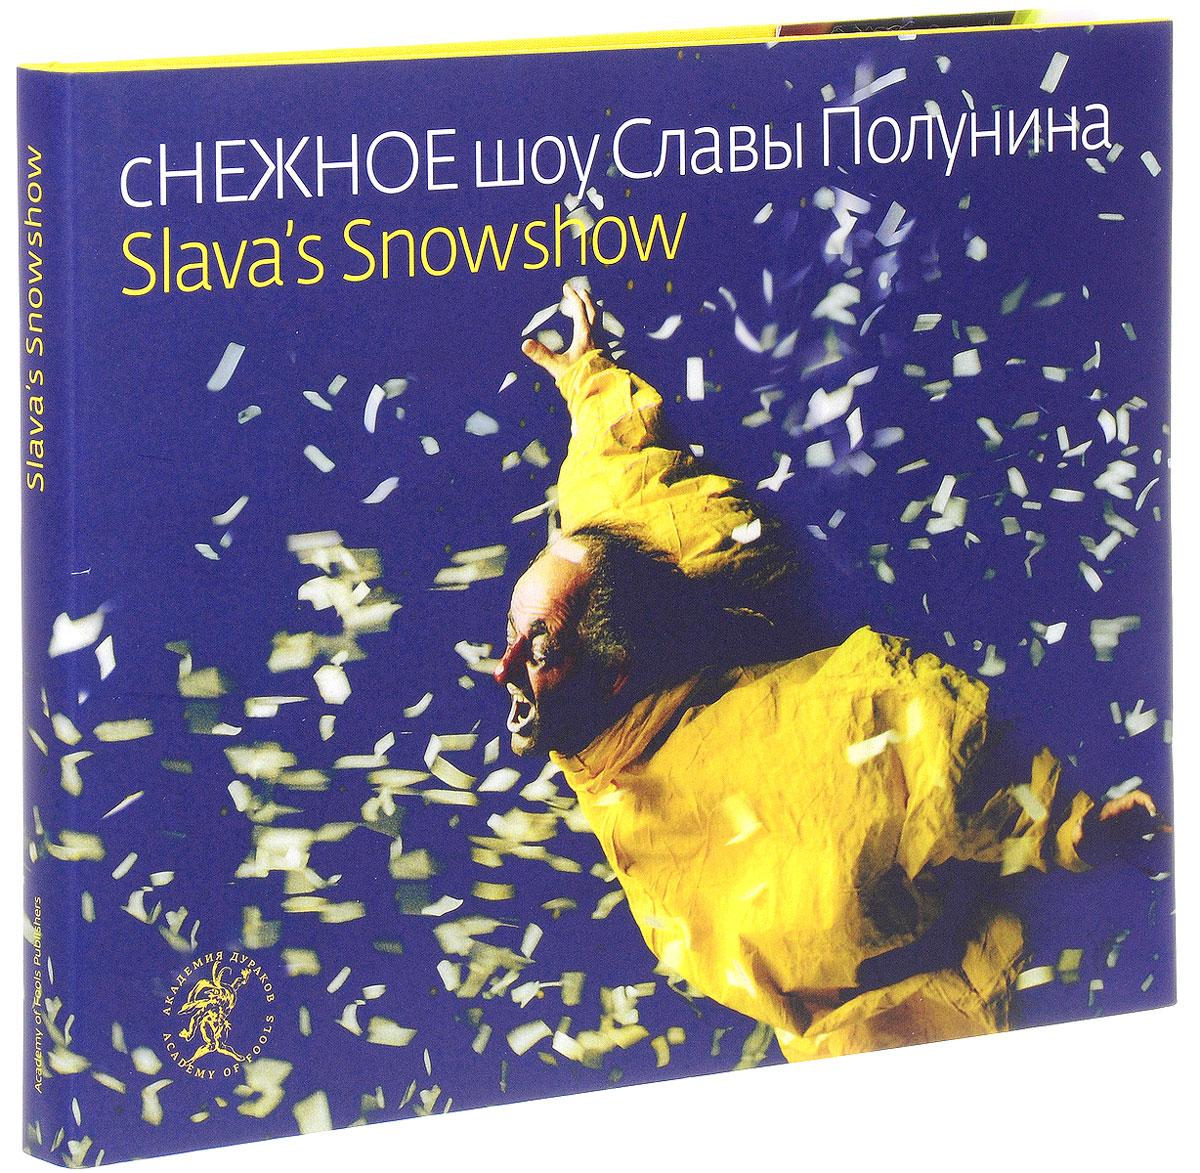 Слава Полунин, Наташа Табачникова Снежное шоу Славы Полунина / Slava's Snowshow книги эксмо там где твое сердце